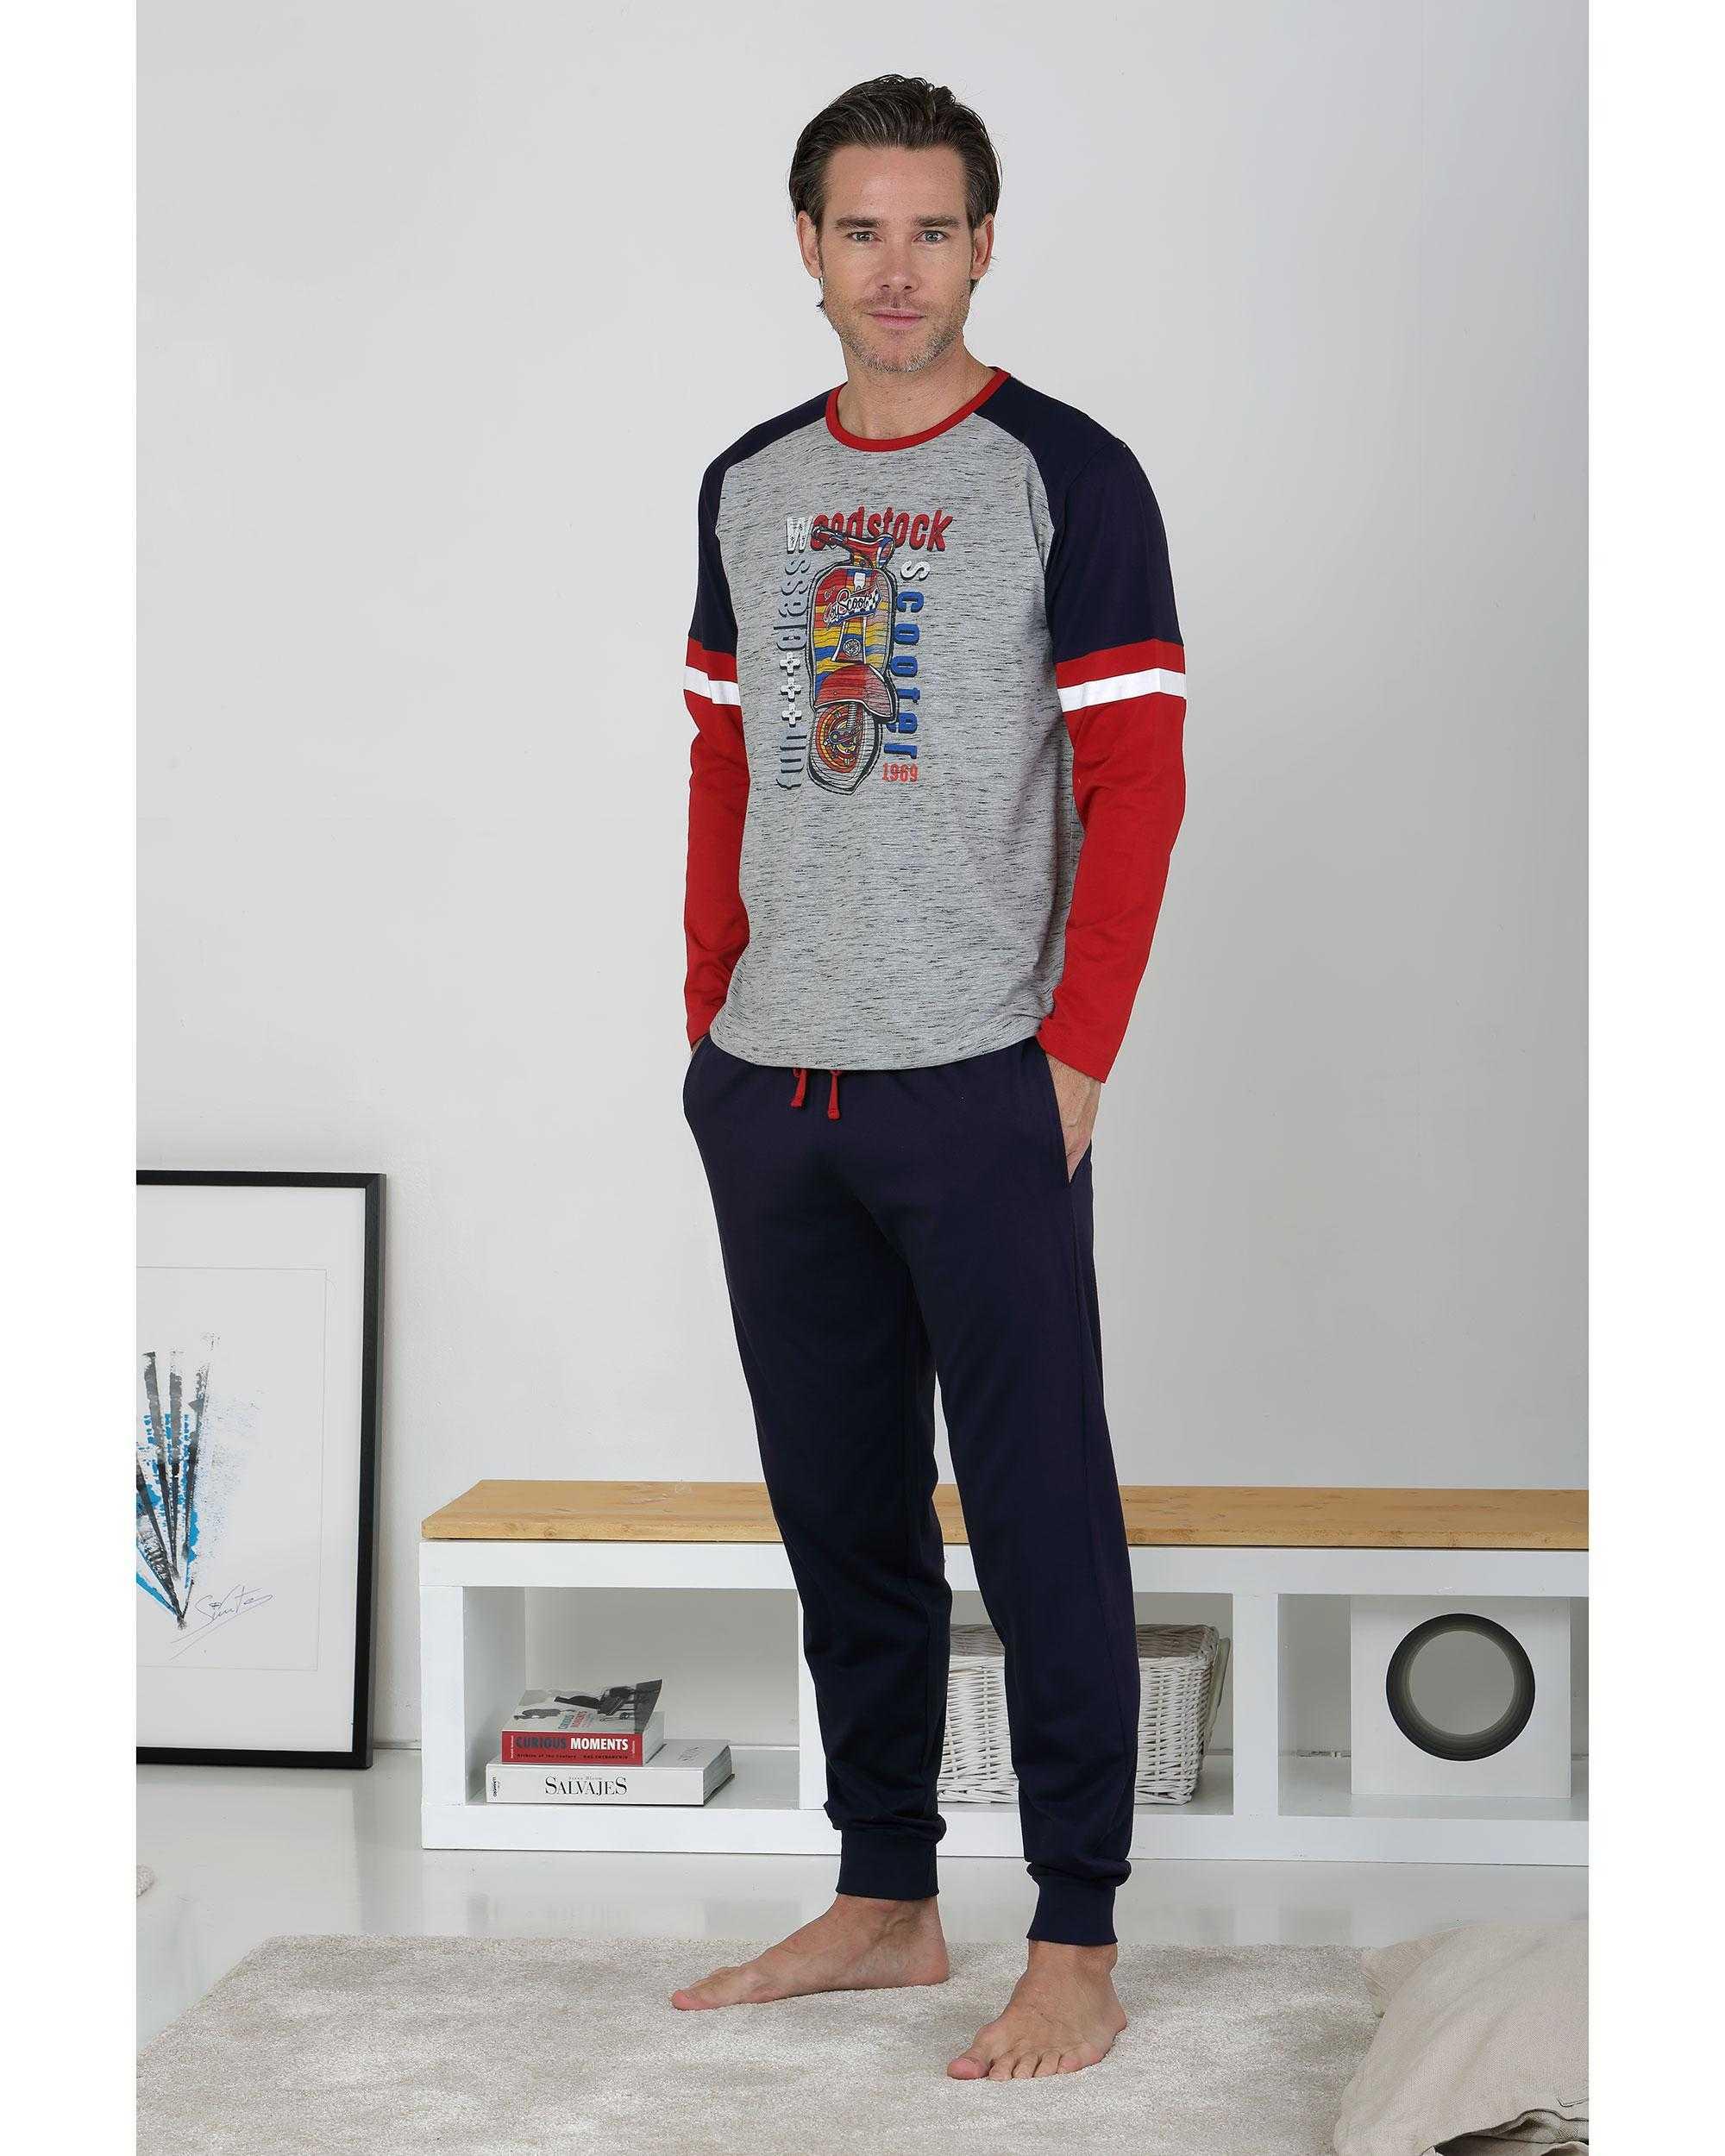 Pijama Caballero Vespa Massana COLOR: gris; TALLAS: s, m, l, xl  - HOMBRE  - PEPI GUERRA